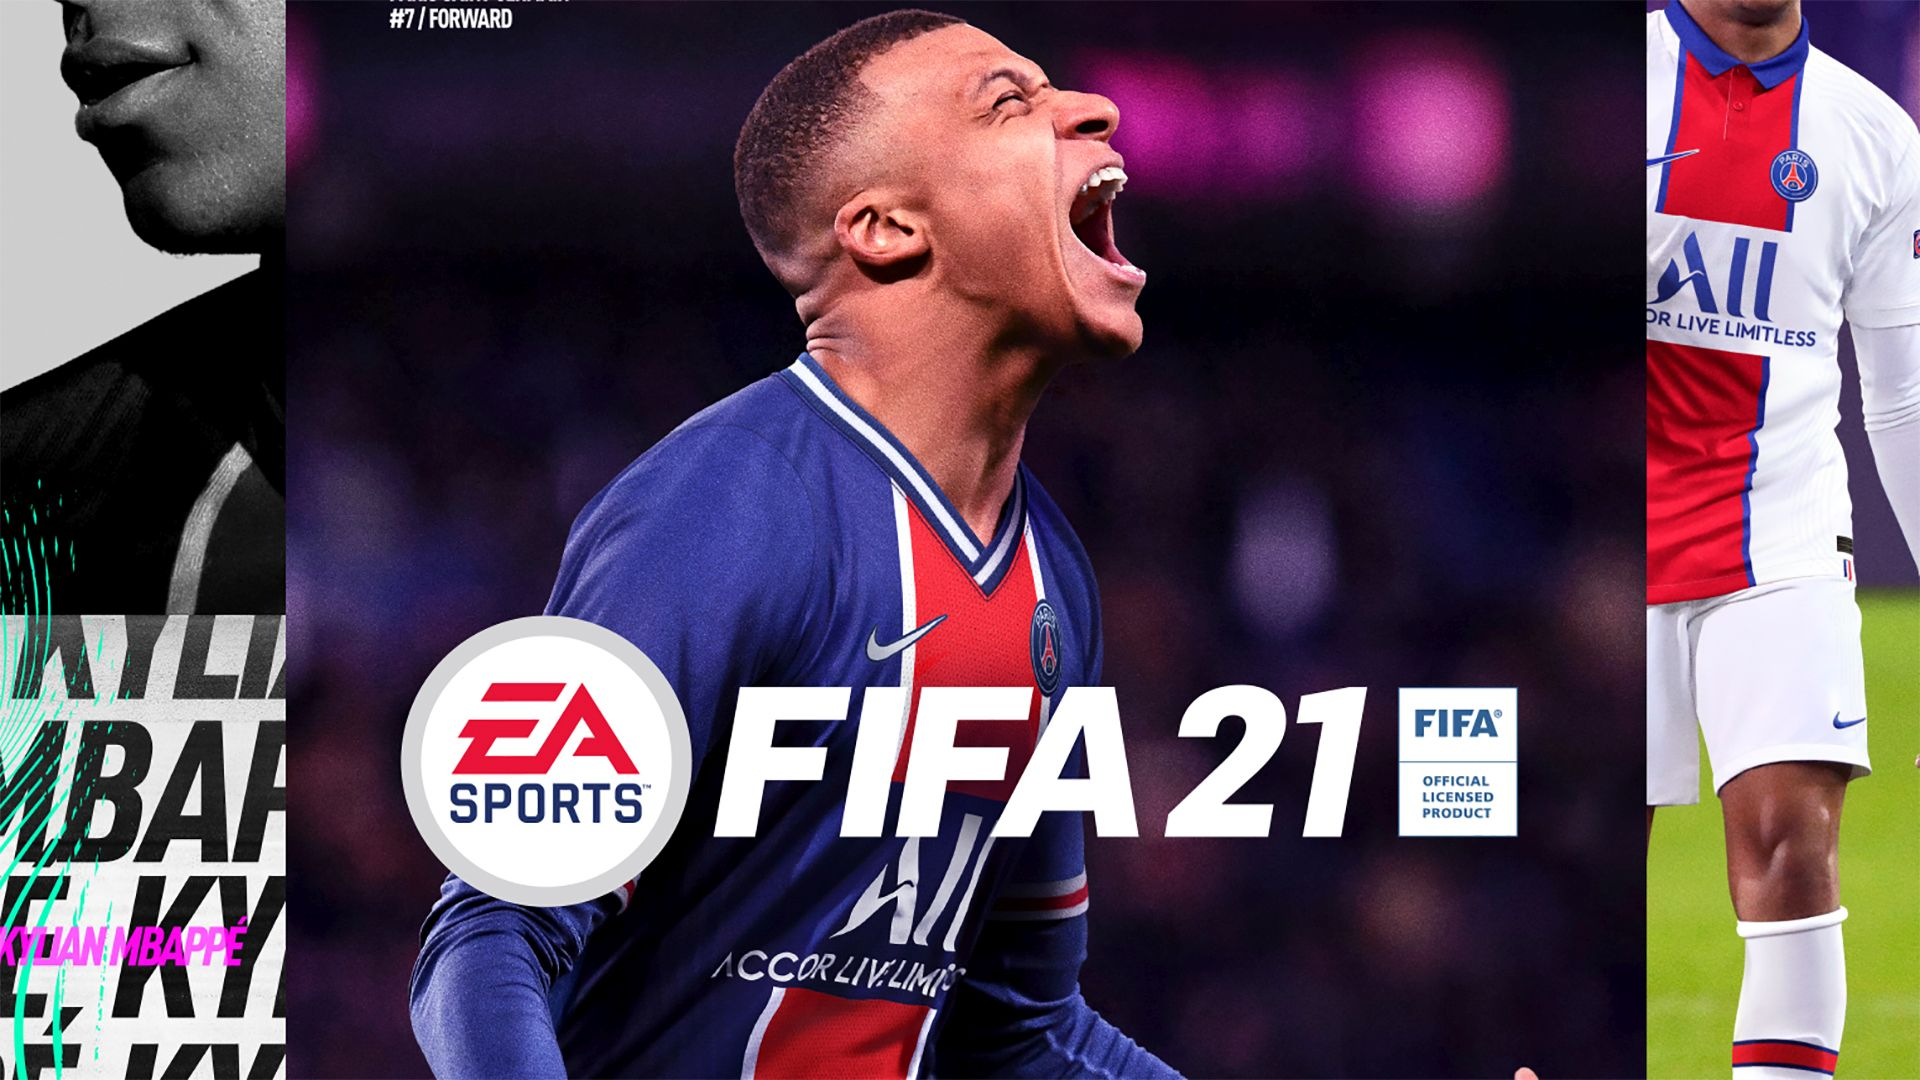 FIFA 21 recenzija – Zaboravite catenaccio